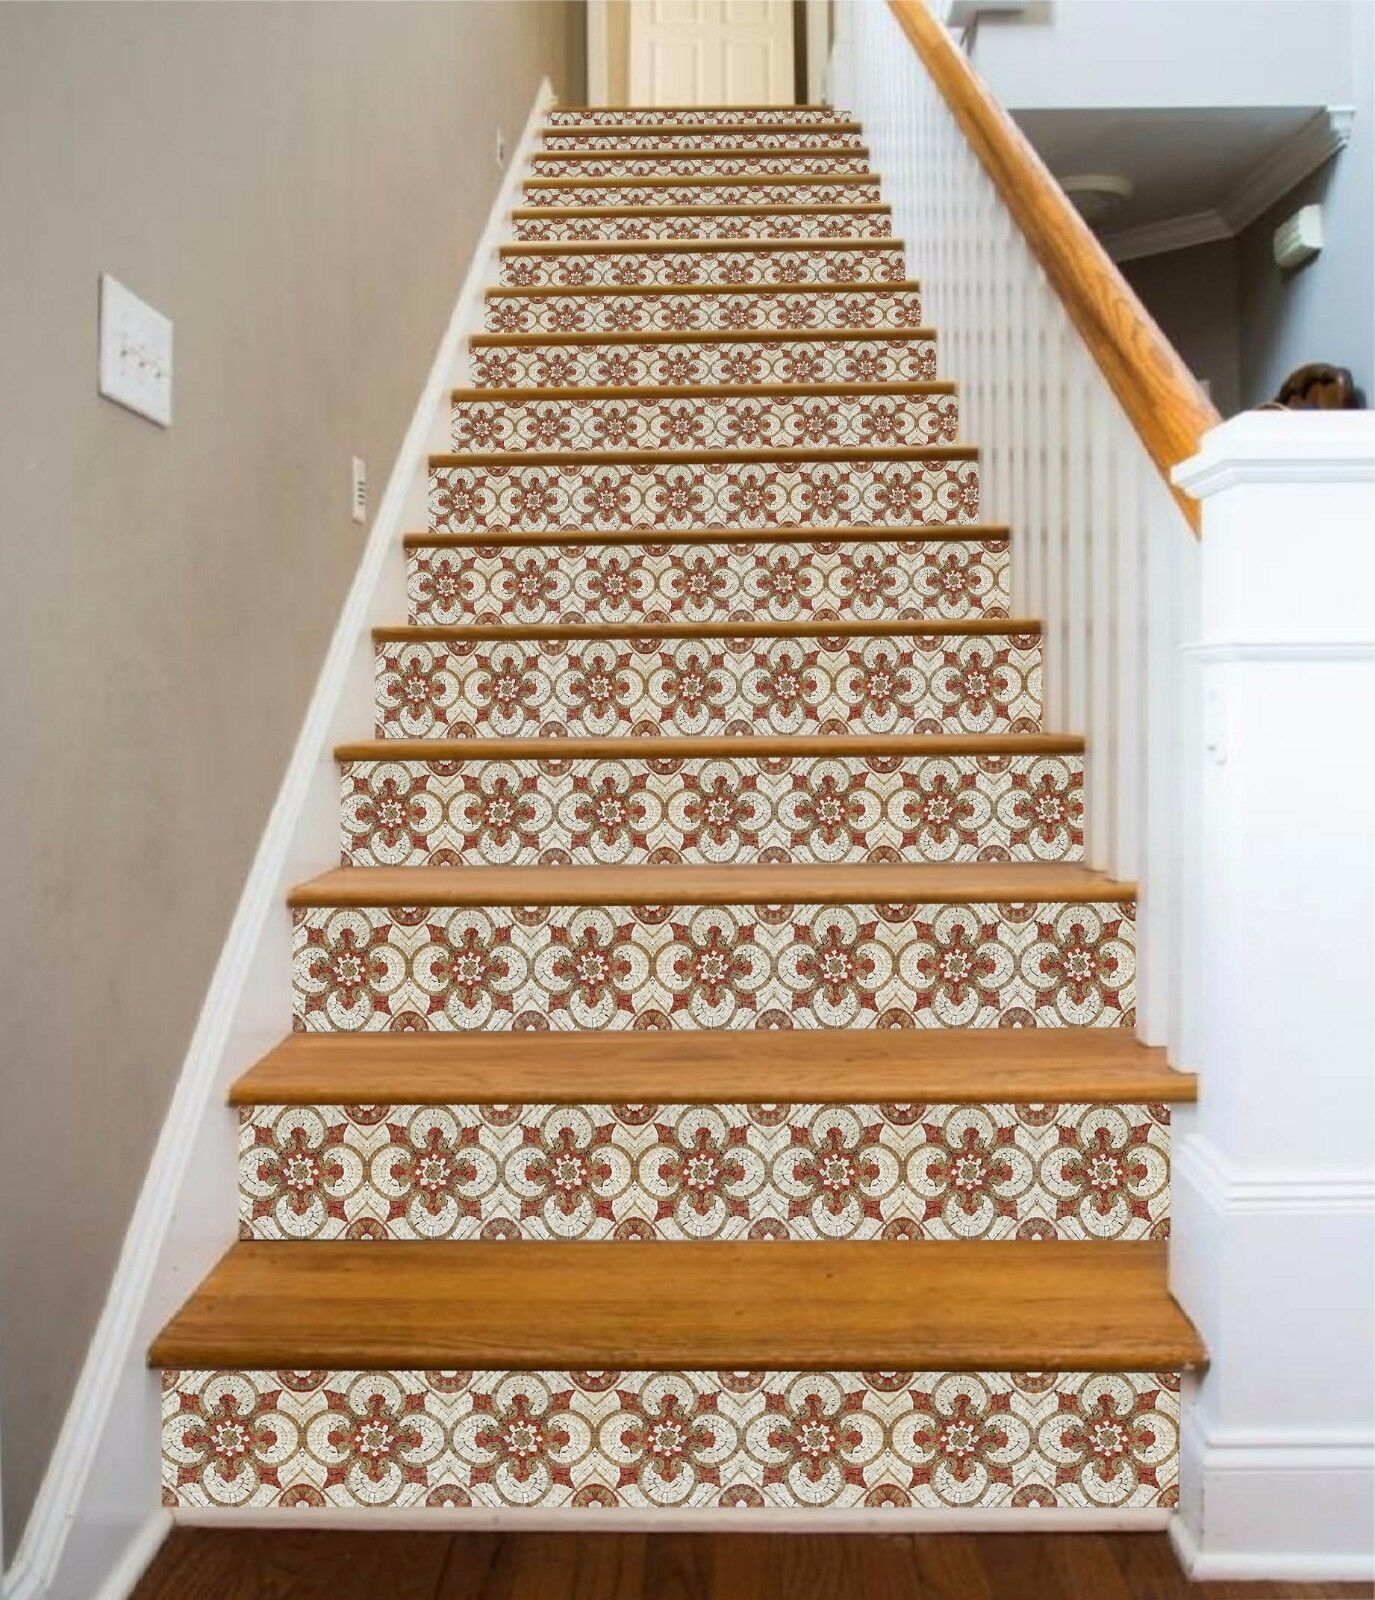 3D Flower 633 Stair Riser Decoration Photo Mural Vinyl Decal Wallpaper UK Lemon